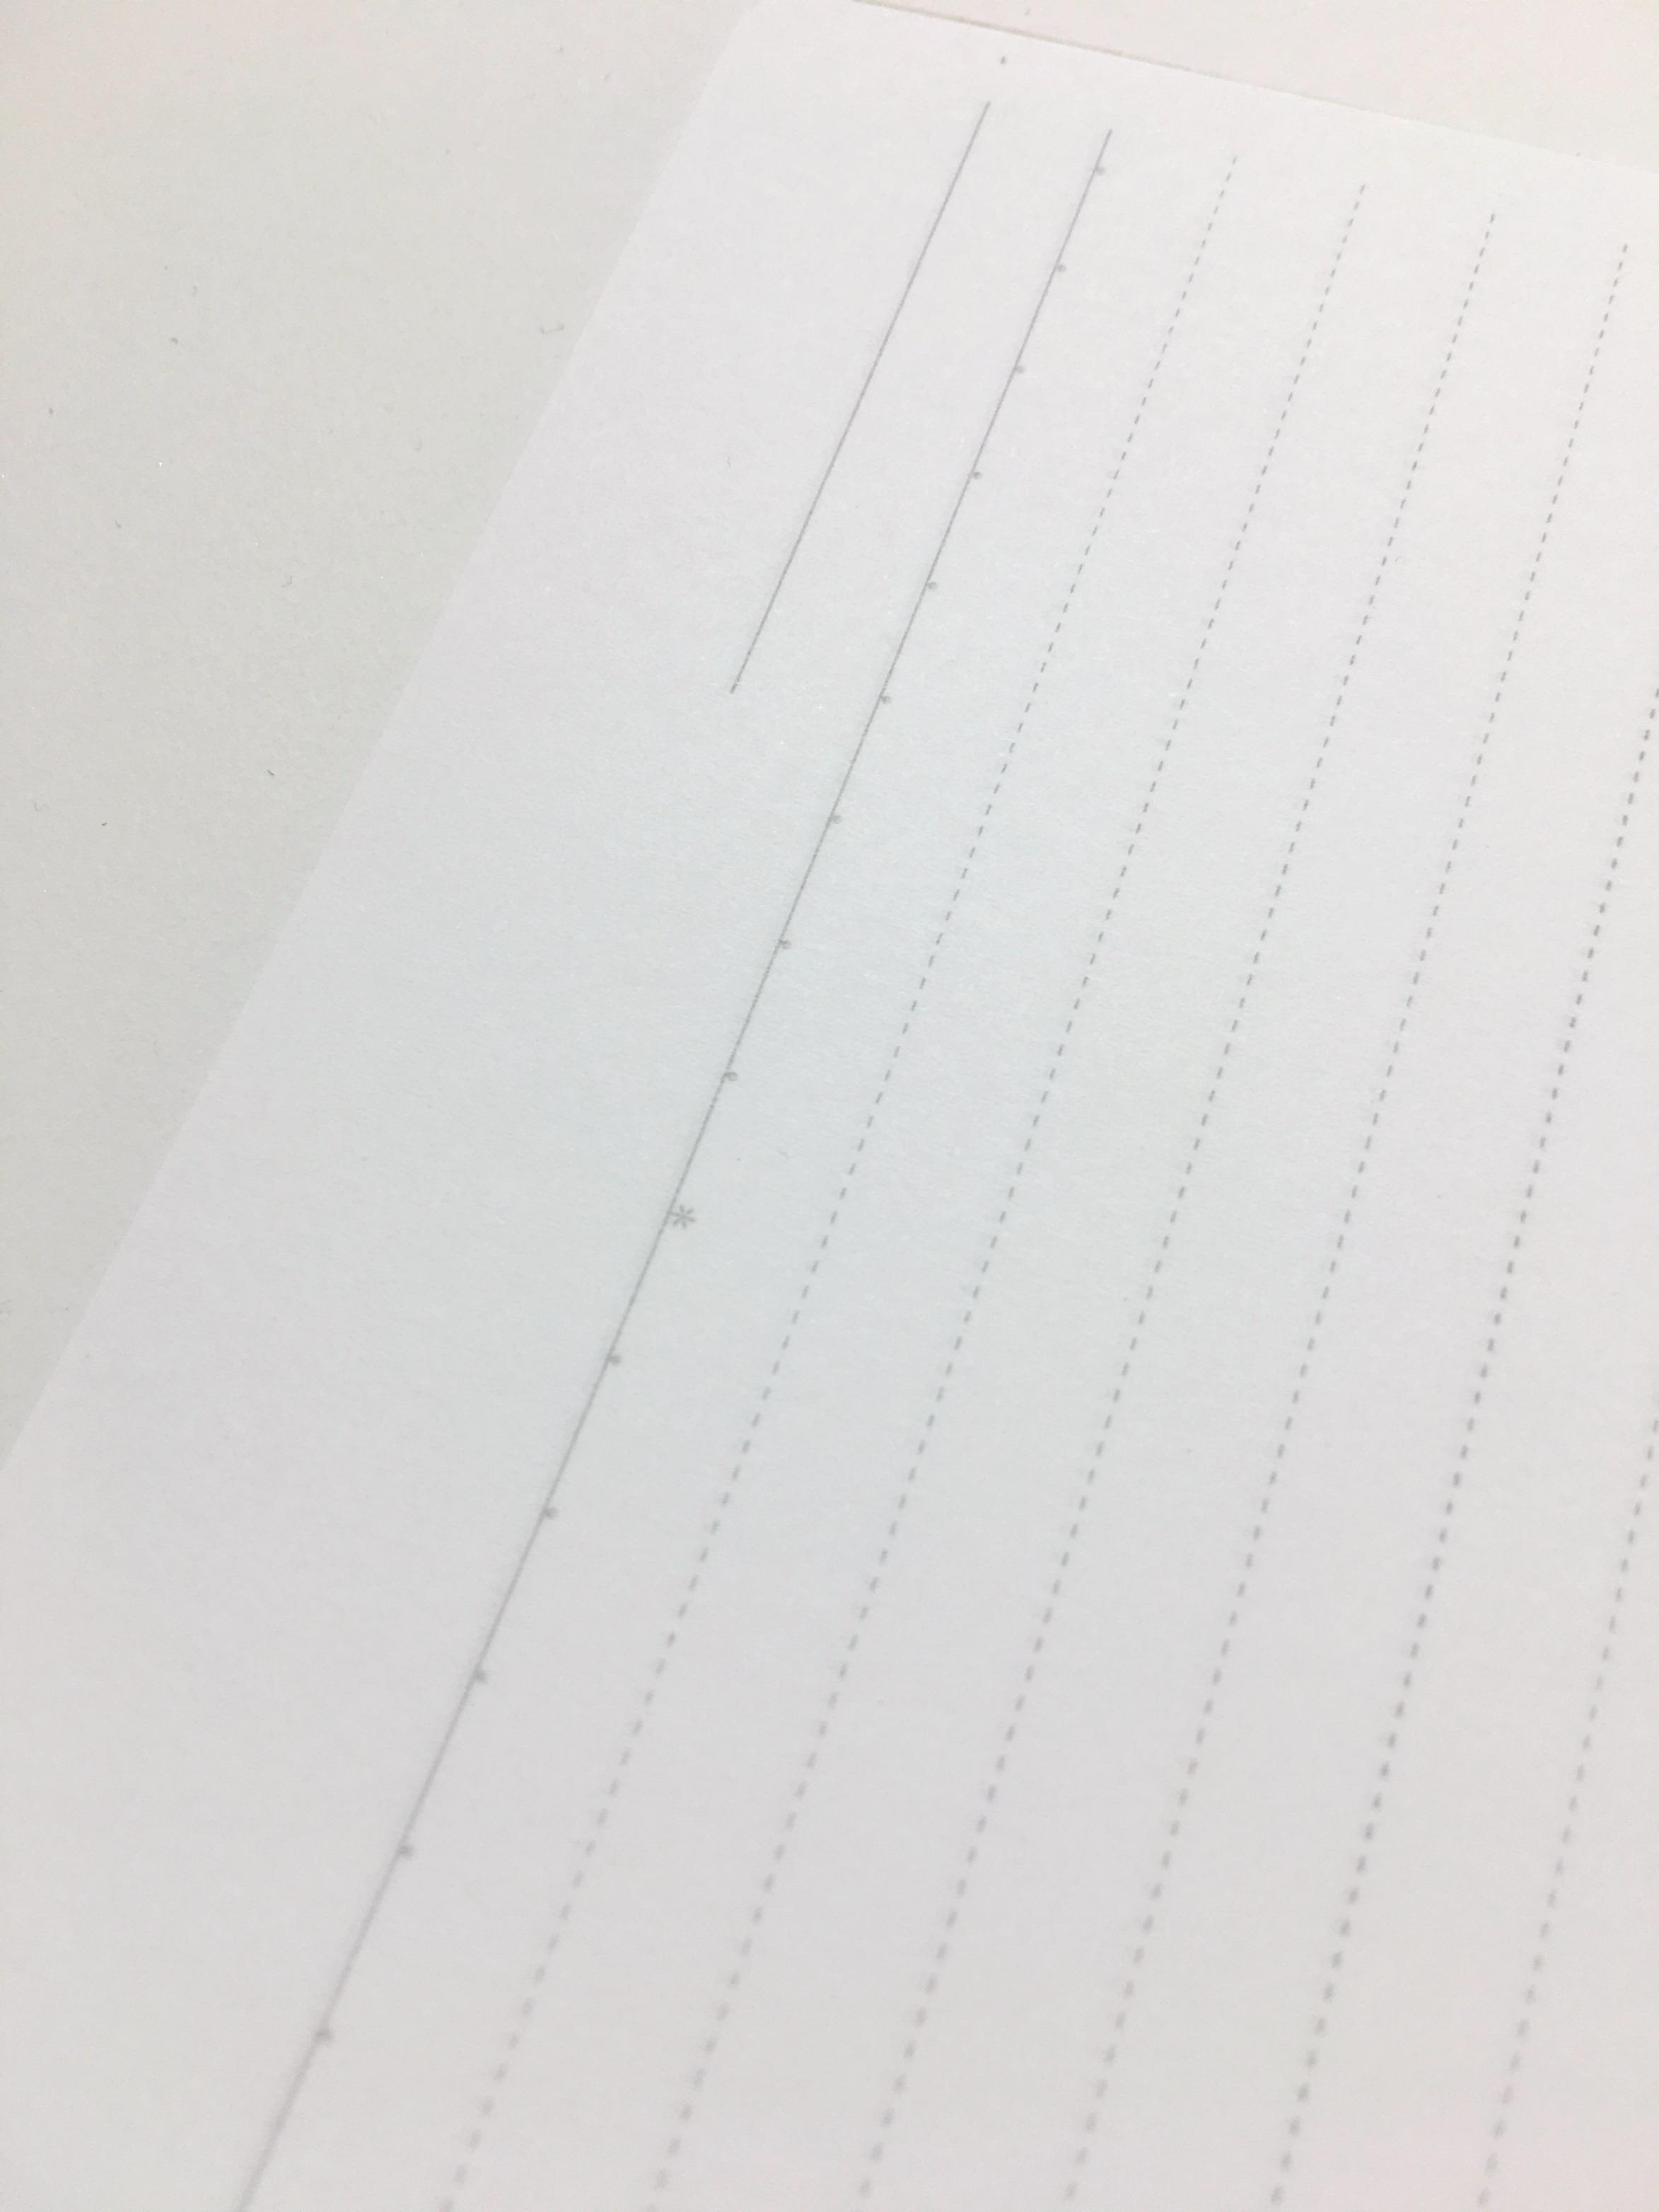 kyonordic_lines.jpg